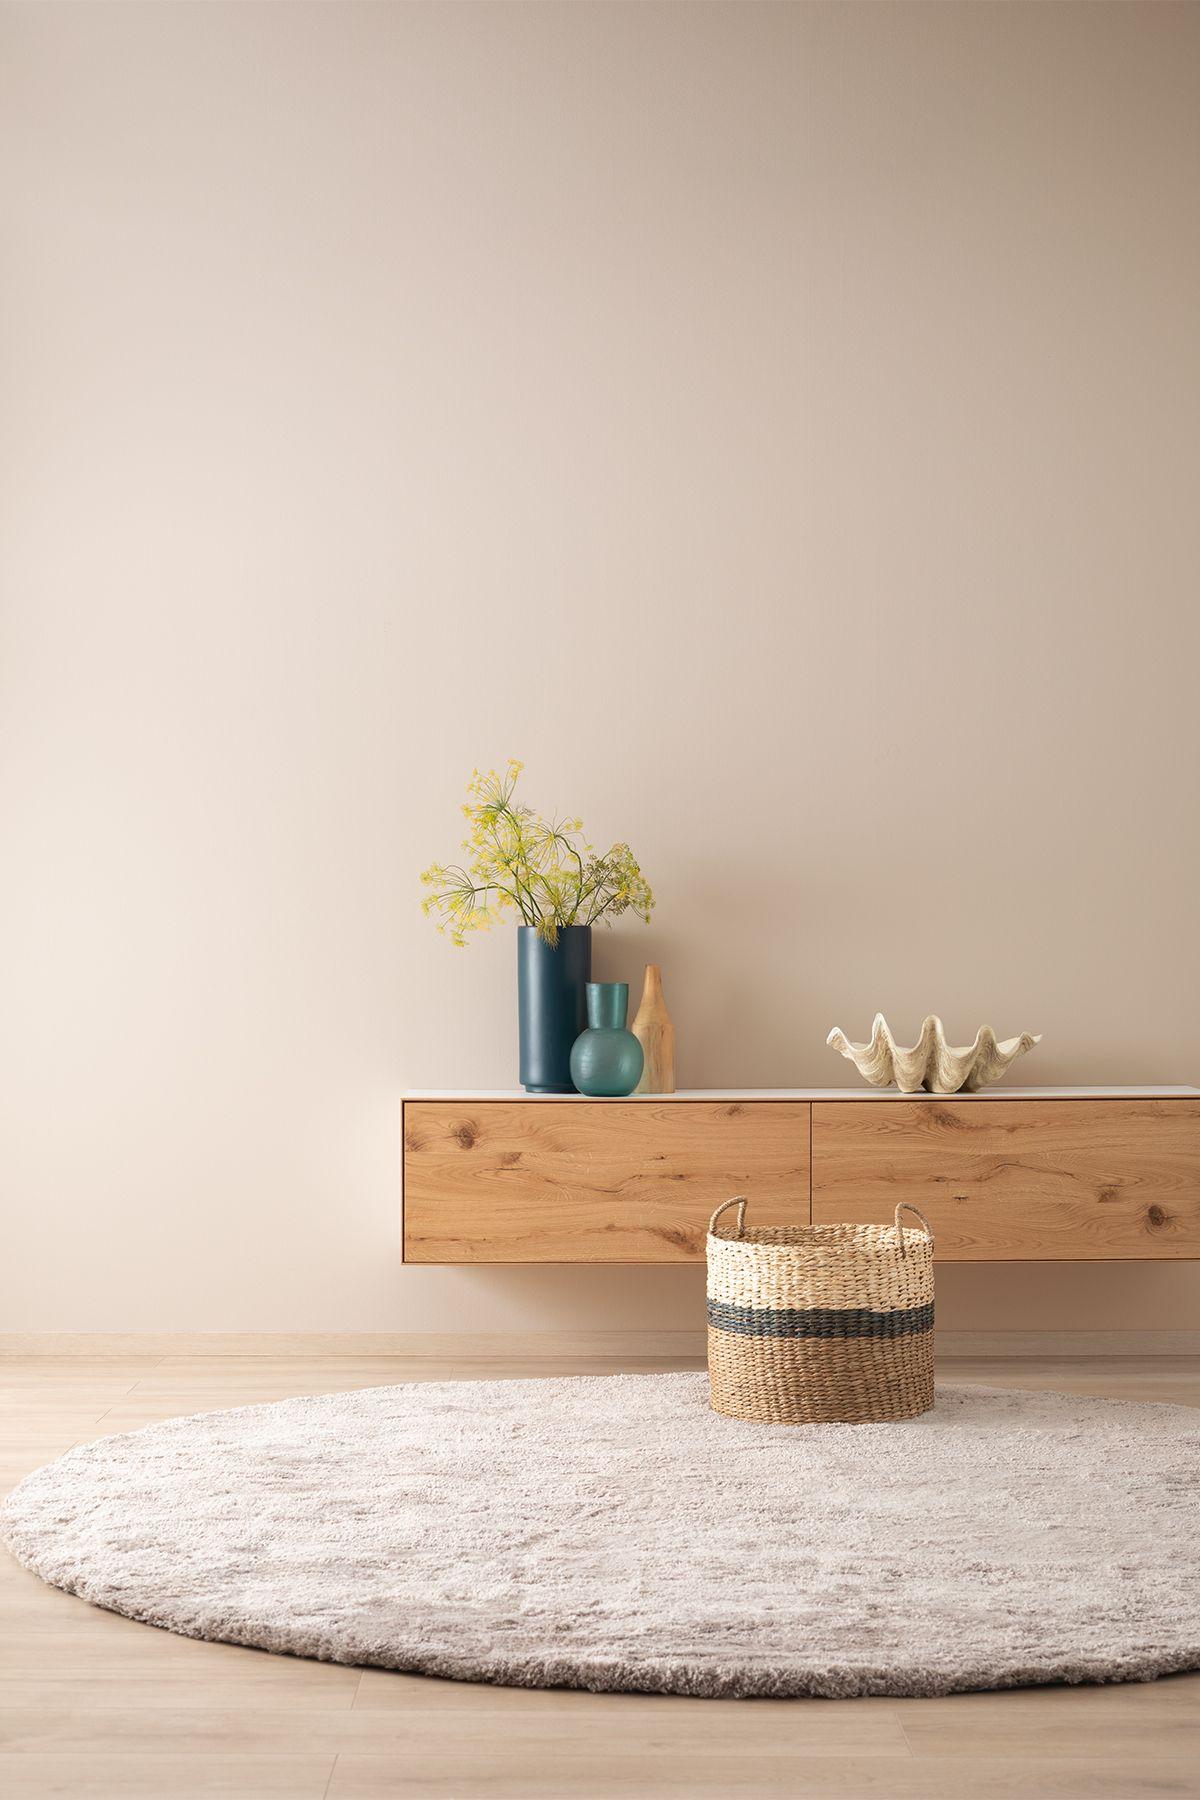 Schoner Wohnen Wandfarbe Designfarbe Weiches Strandbeige 2 5 L Feinmatt In 2020 Schoner Wohnen Wandfarbe Schoner Wohnen Farbe Wandfarbe Wohnzimmer